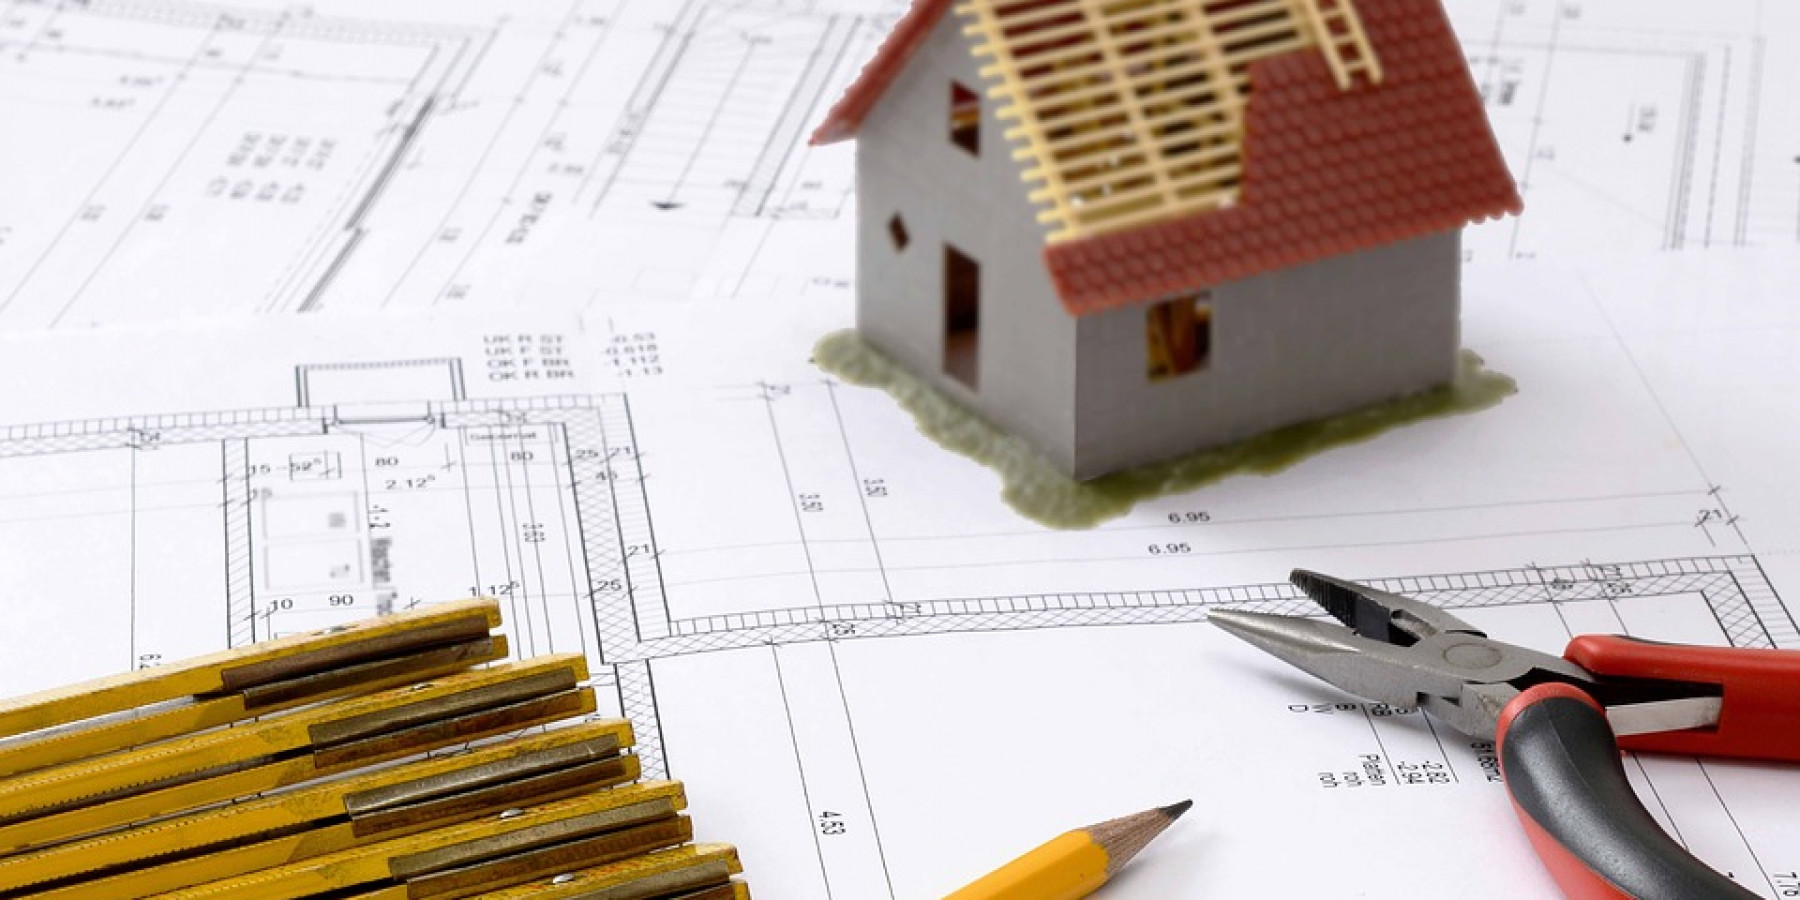 Neuer Bauleitplan für die Eschstraße